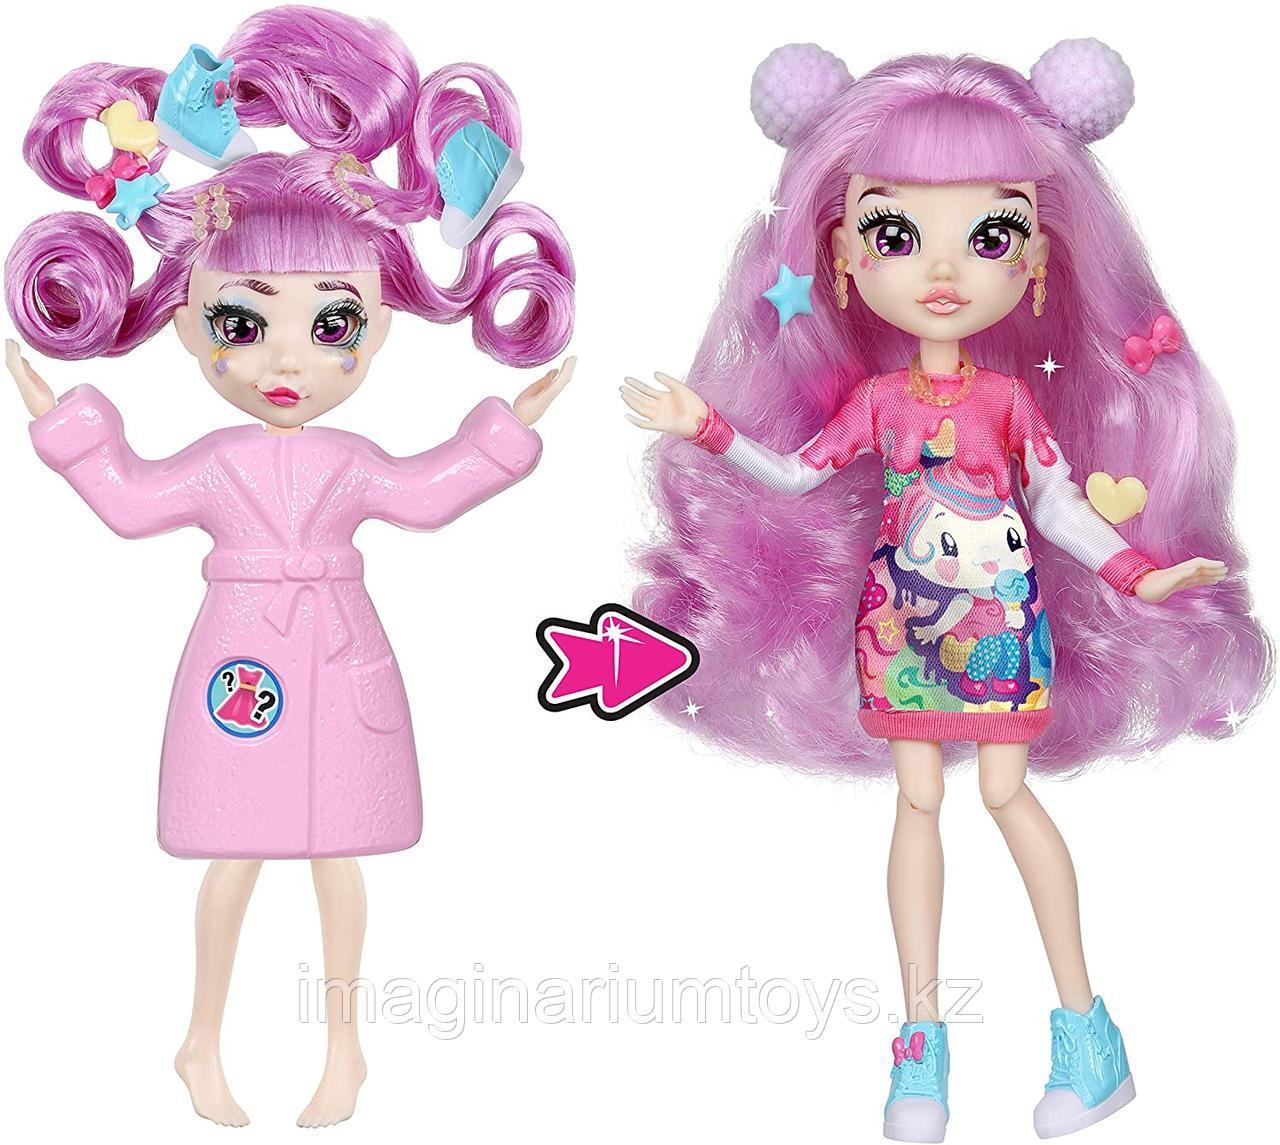 FailFix Kawaii.Qtee ФейлФикс кукла со сменным лицом 2 в 1 Кавай Кьюти